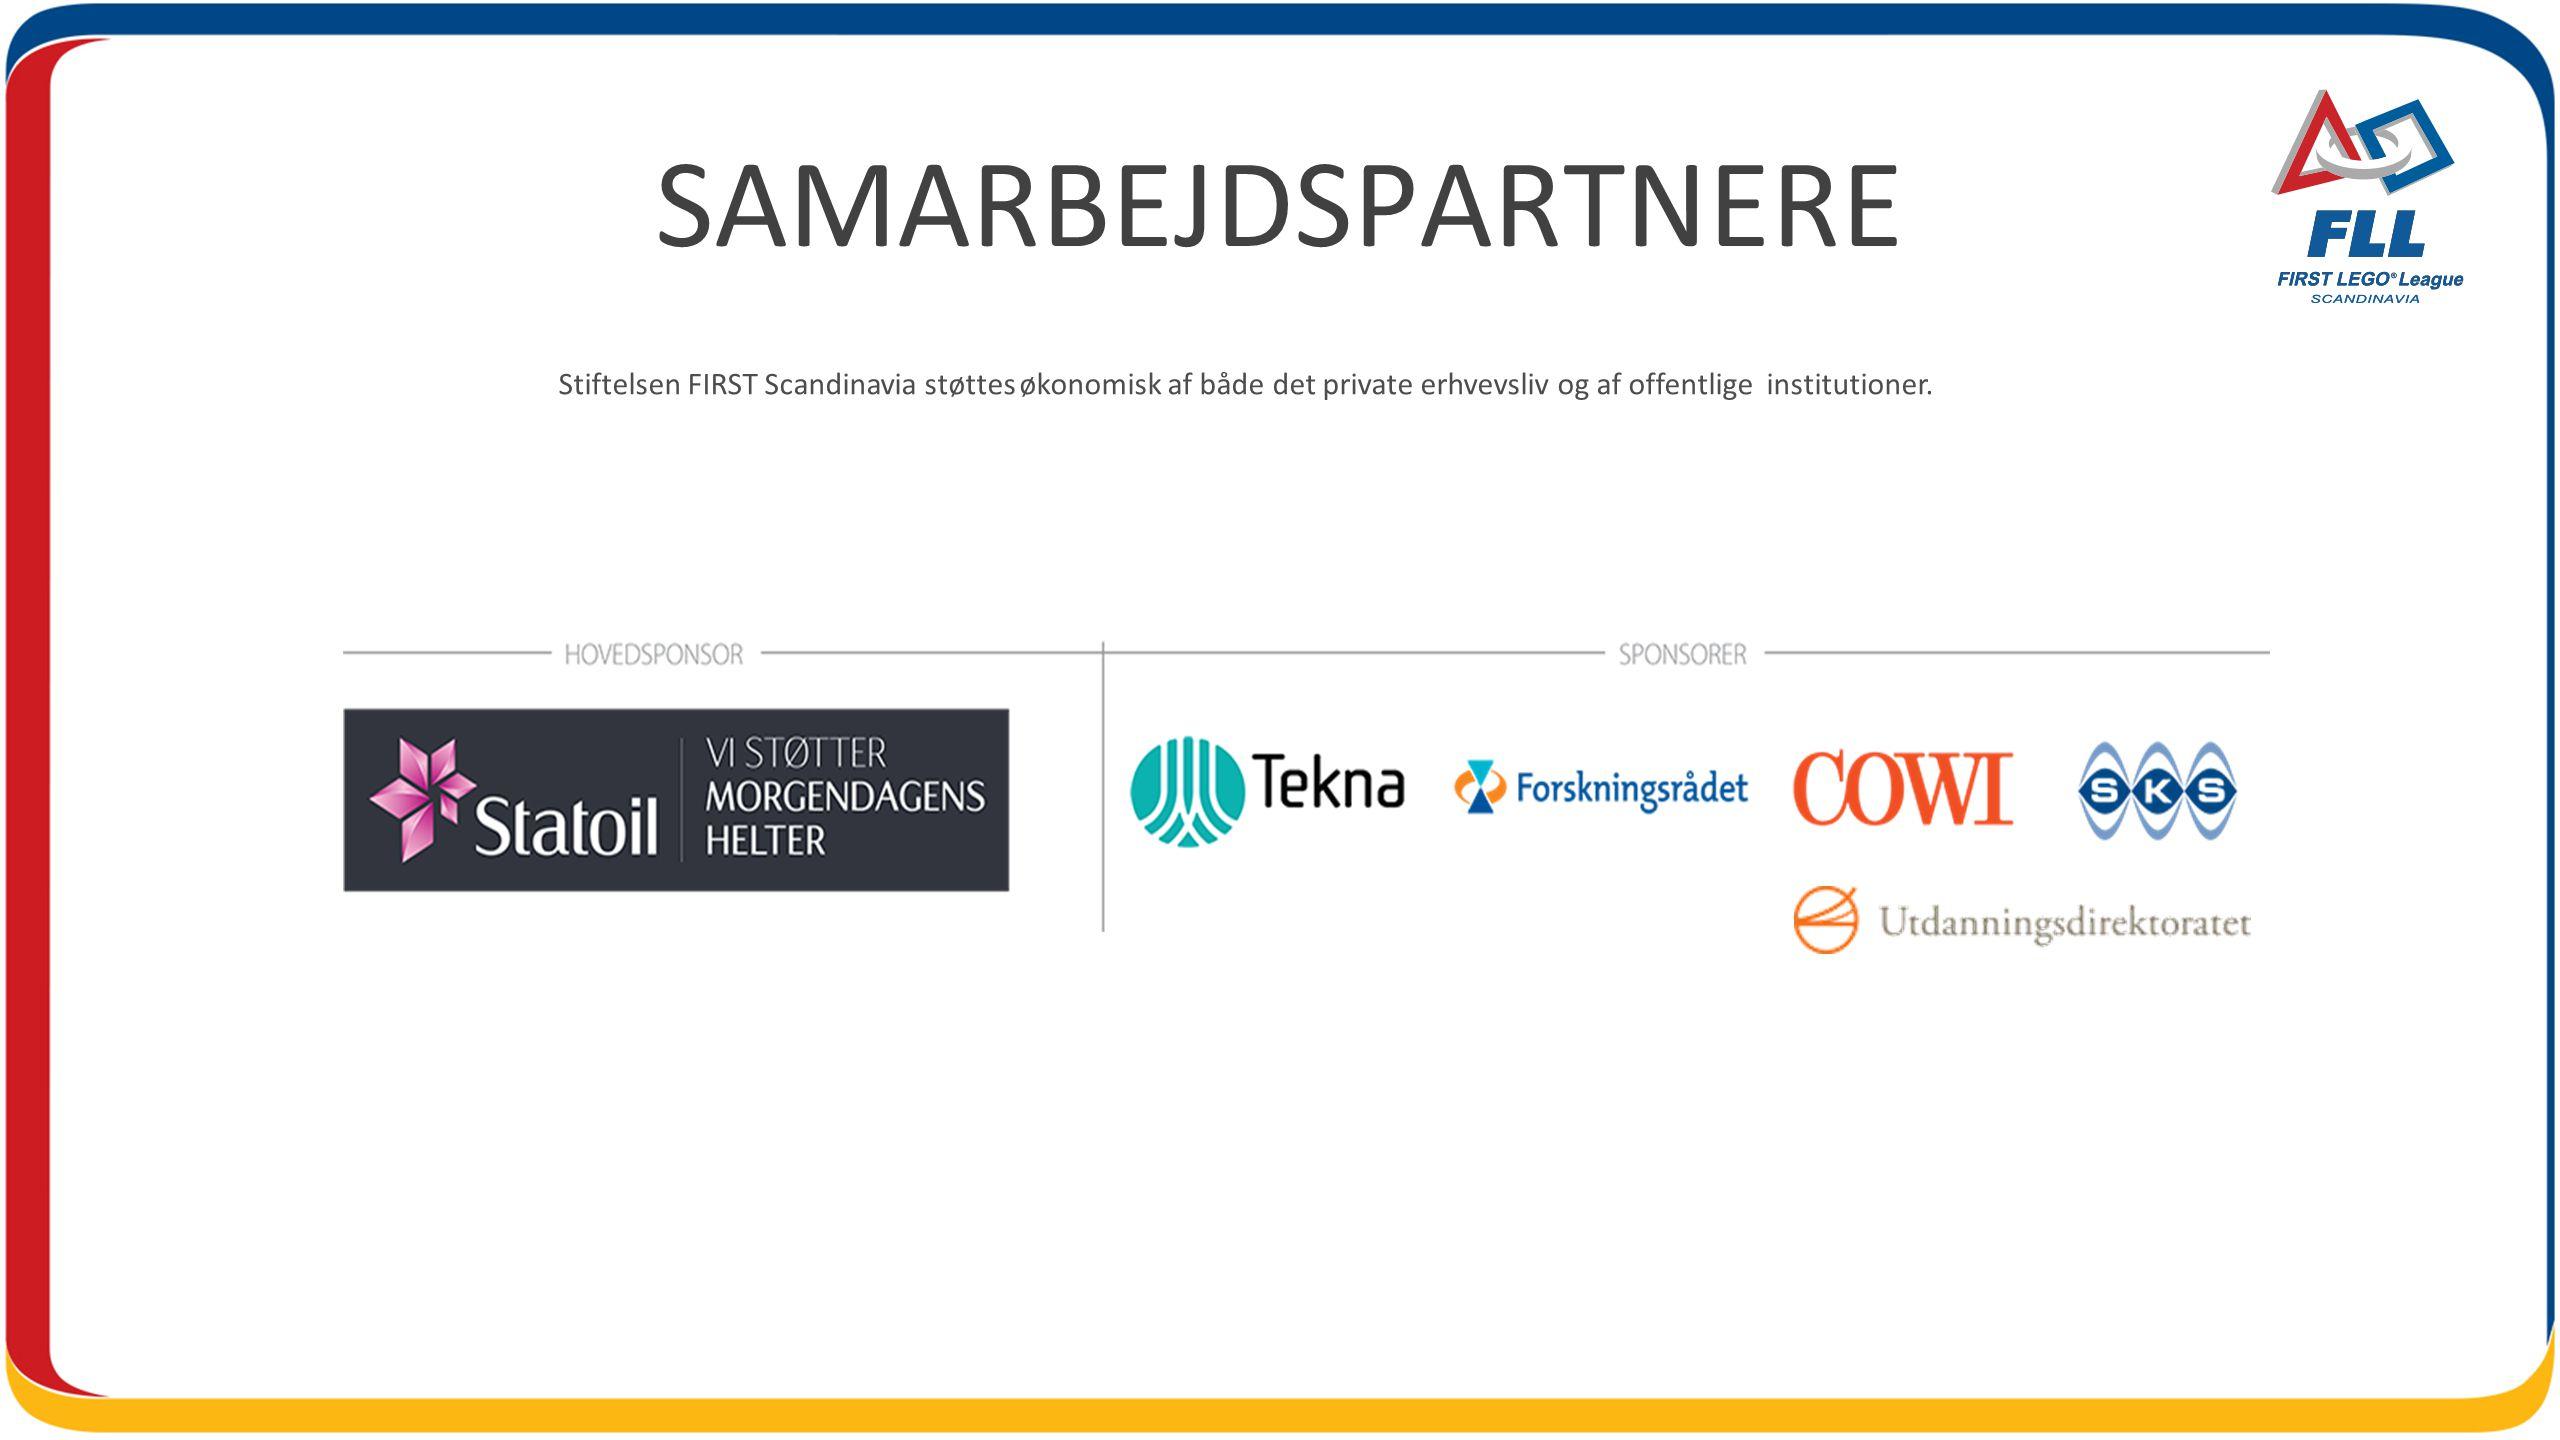 SAMARBEJDSPARTNERE Stiftelsen FIRST Scandinavia støttes økonomisk af både det private erhvevsliv og af offentlige institutioner.